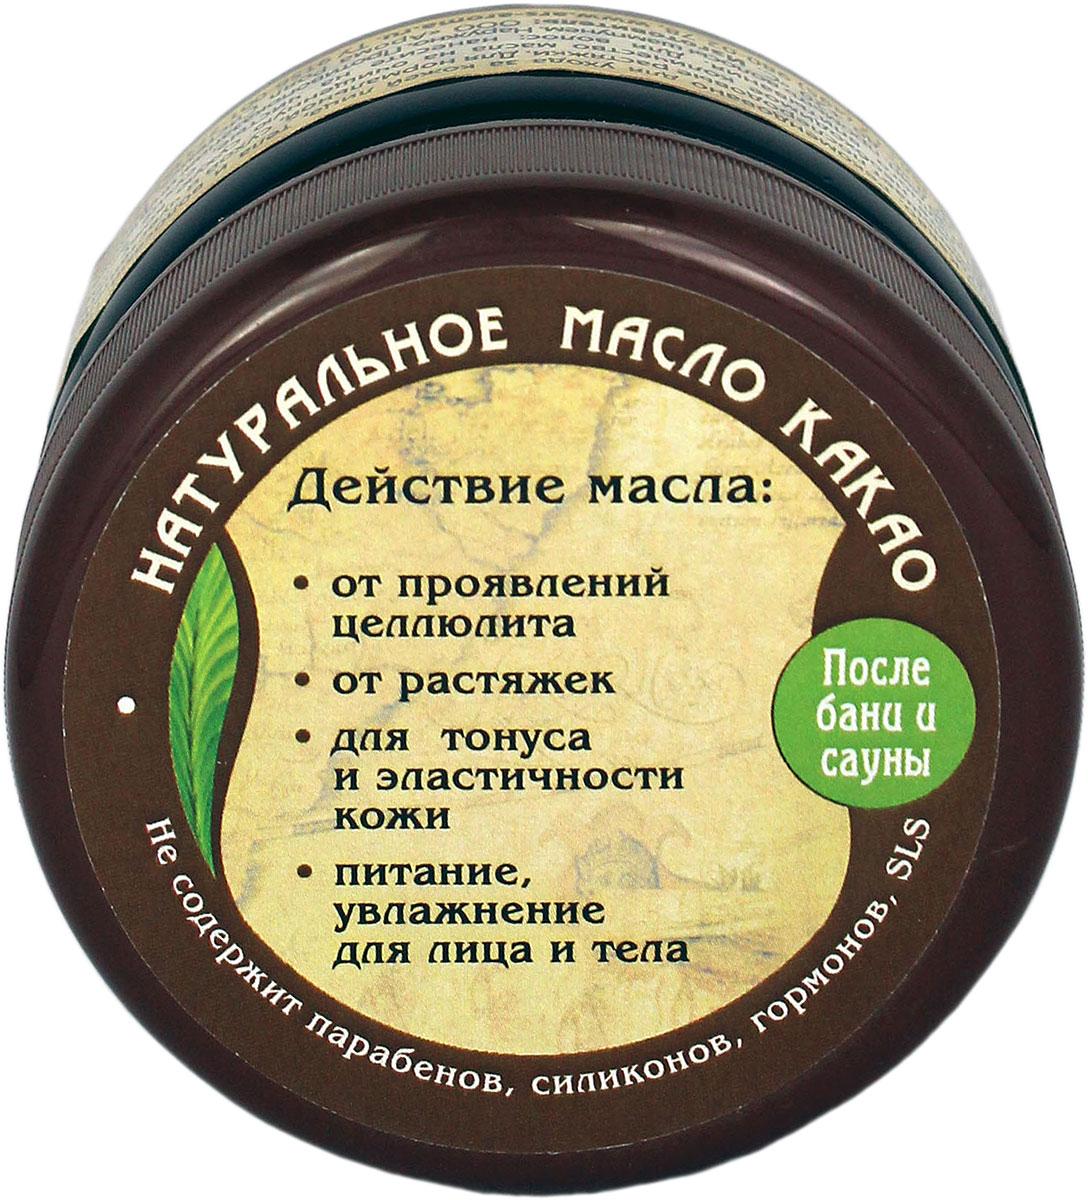 ARS Натуральное масло-баттер Какао, 75 гFS-36054Масло ARS Какао оживляет и тонизирует кожу, делая ее более нежной гладкой и сияющей. Масло обладает разглаживающими свойствами, незаменимо в борьбе с морщинами, помогает в избавлении от косметических дефектов: шрамов, рубцов, следов после прыщей, защищает кожу от обветривания и обморожения, масло какао особенно эффективно для ухода за губами и областью вокруг глаз.